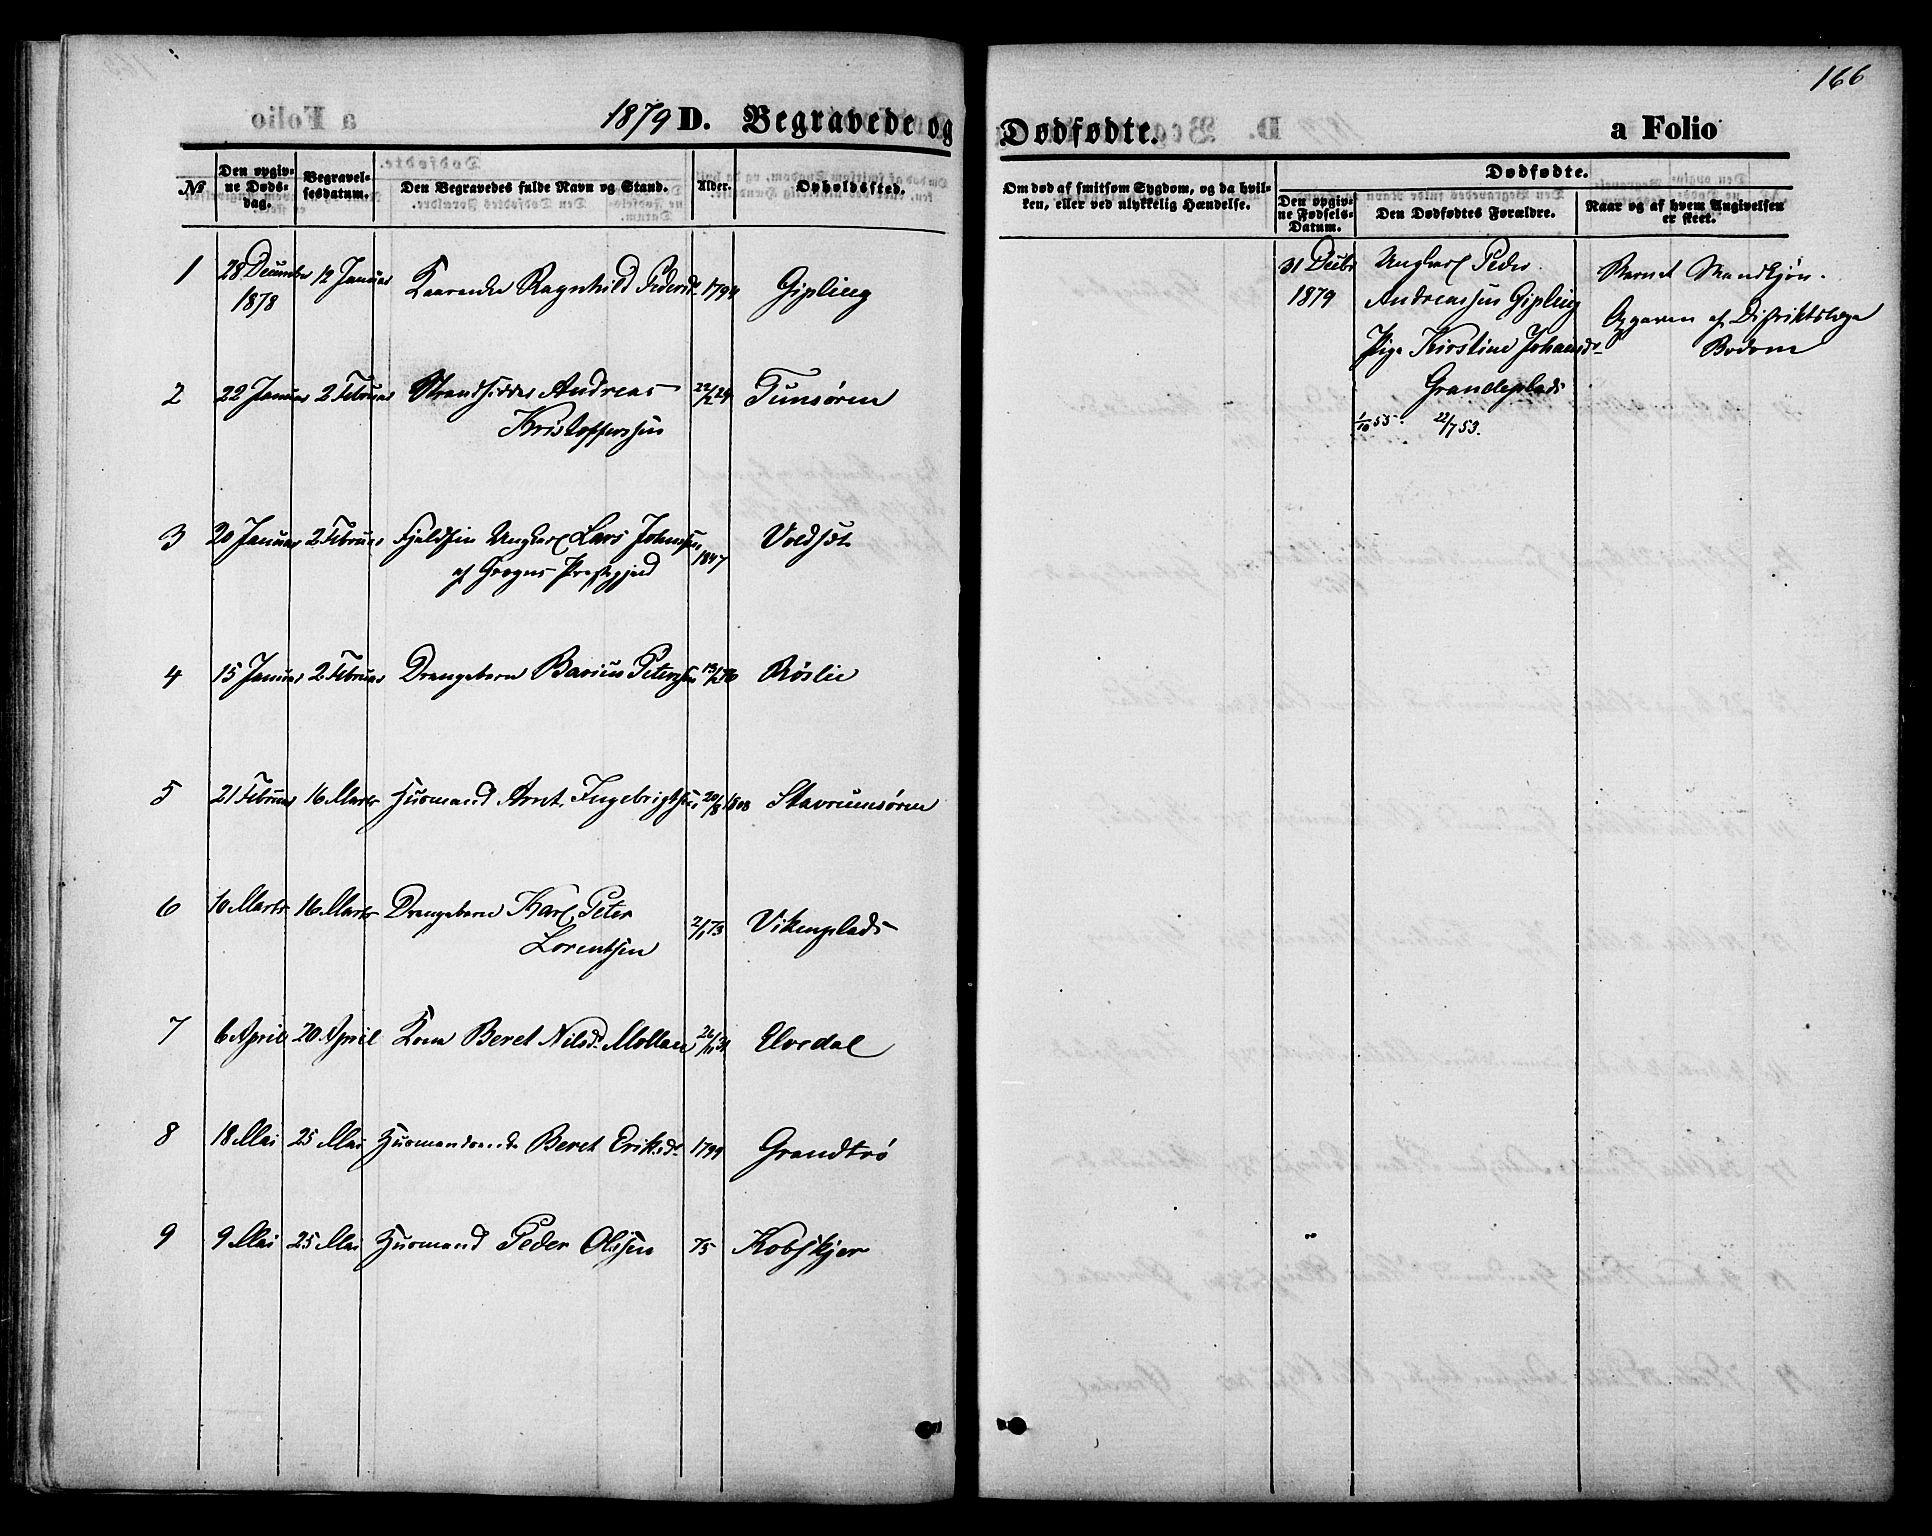 SAT, Ministerialprotokoller, klokkerbøker og fødselsregistre - Nord-Trøndelag, 744/L0419: Ministerialbok nr. 744A03, 1867-1881, s. 166